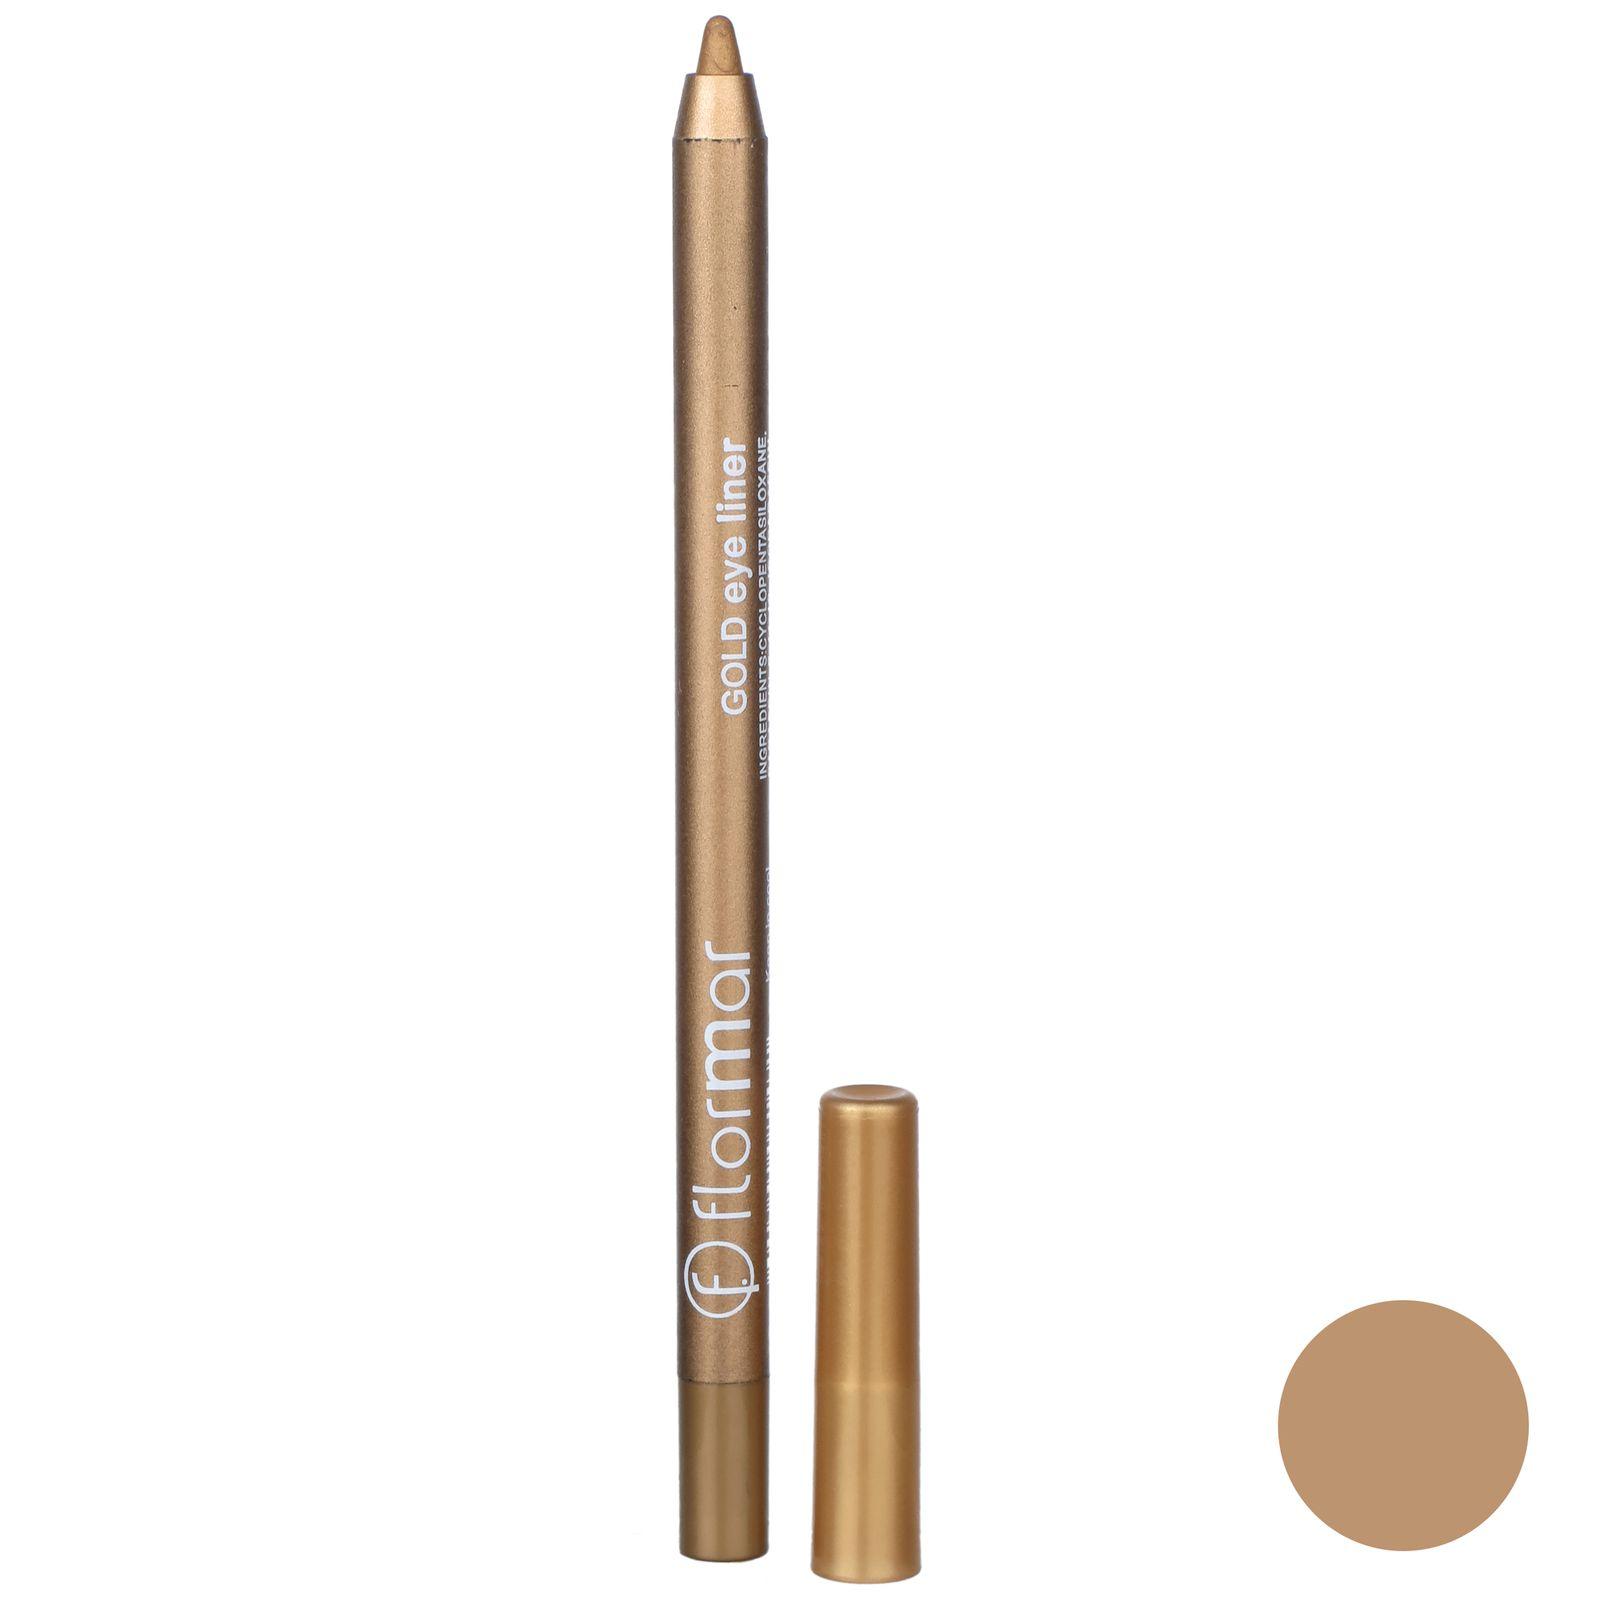 مداد چشم فلورمار شماره 02 -  - 1